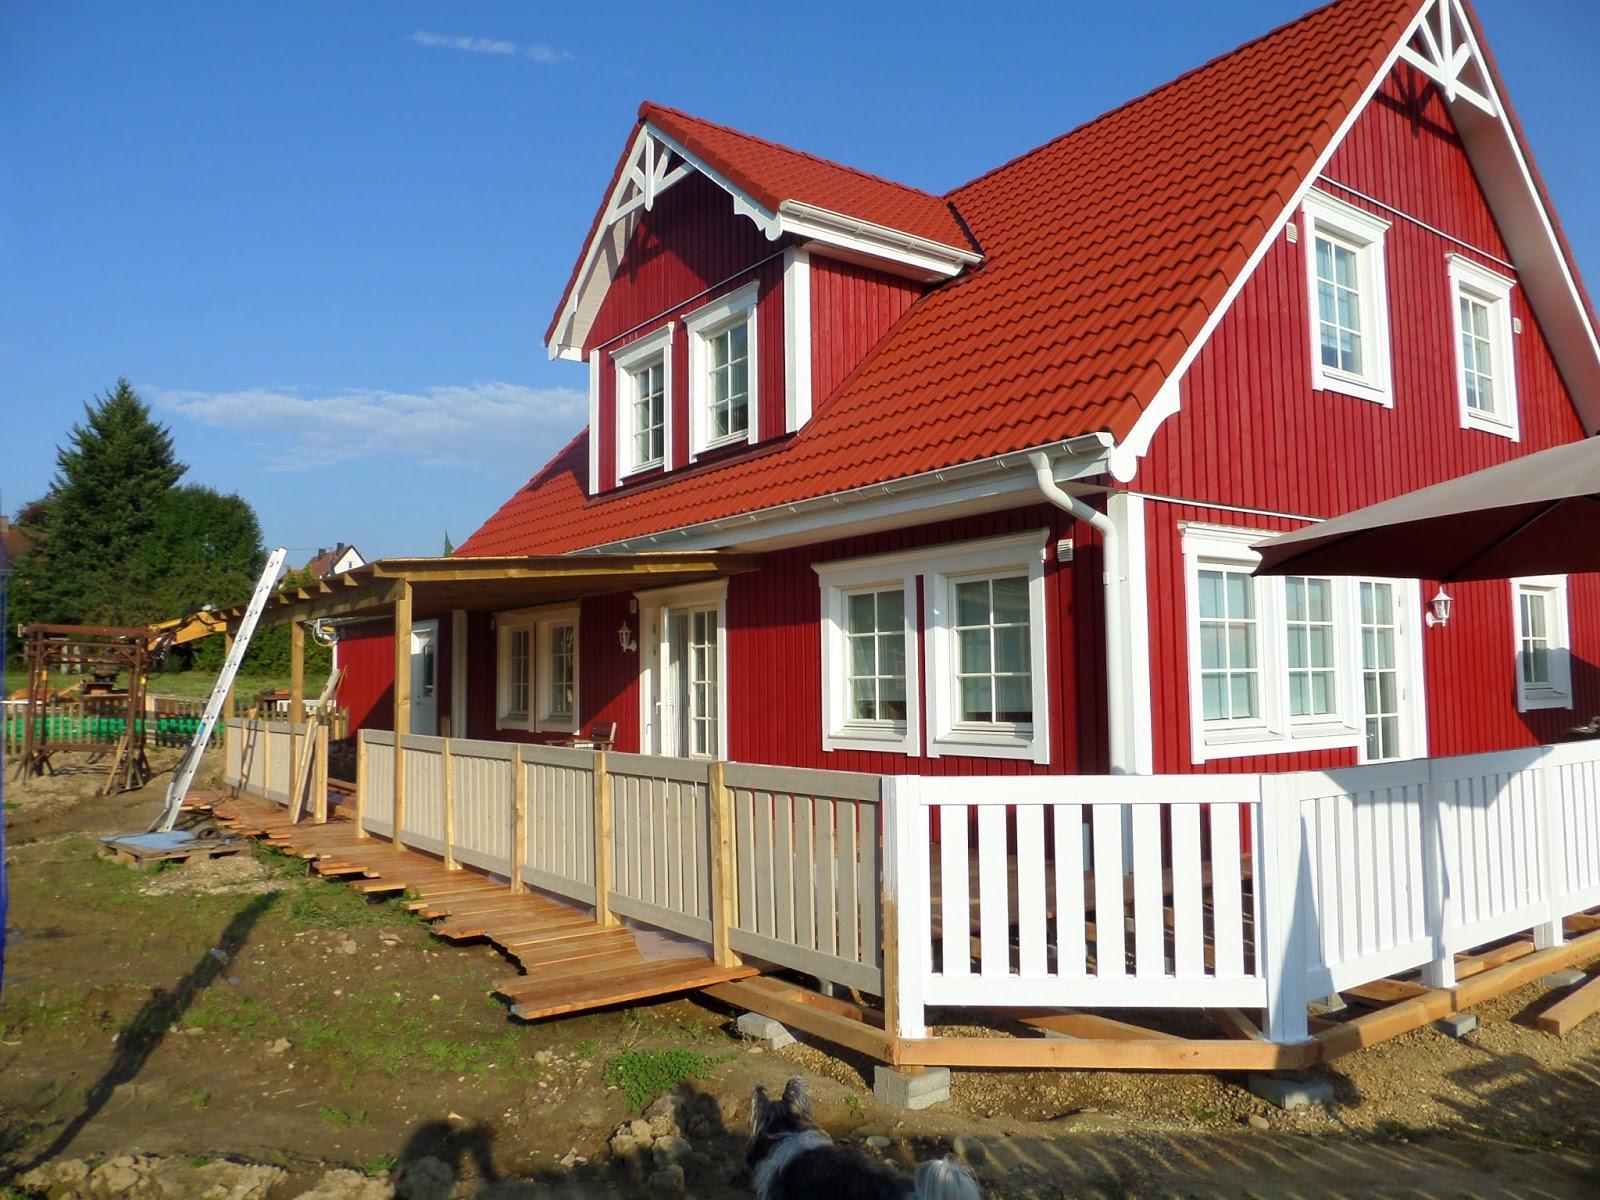 kleine lotta unser schwedenhaus 1 mal grillen auf. Black Bedroom Furniture Sets. Home Design Ideas